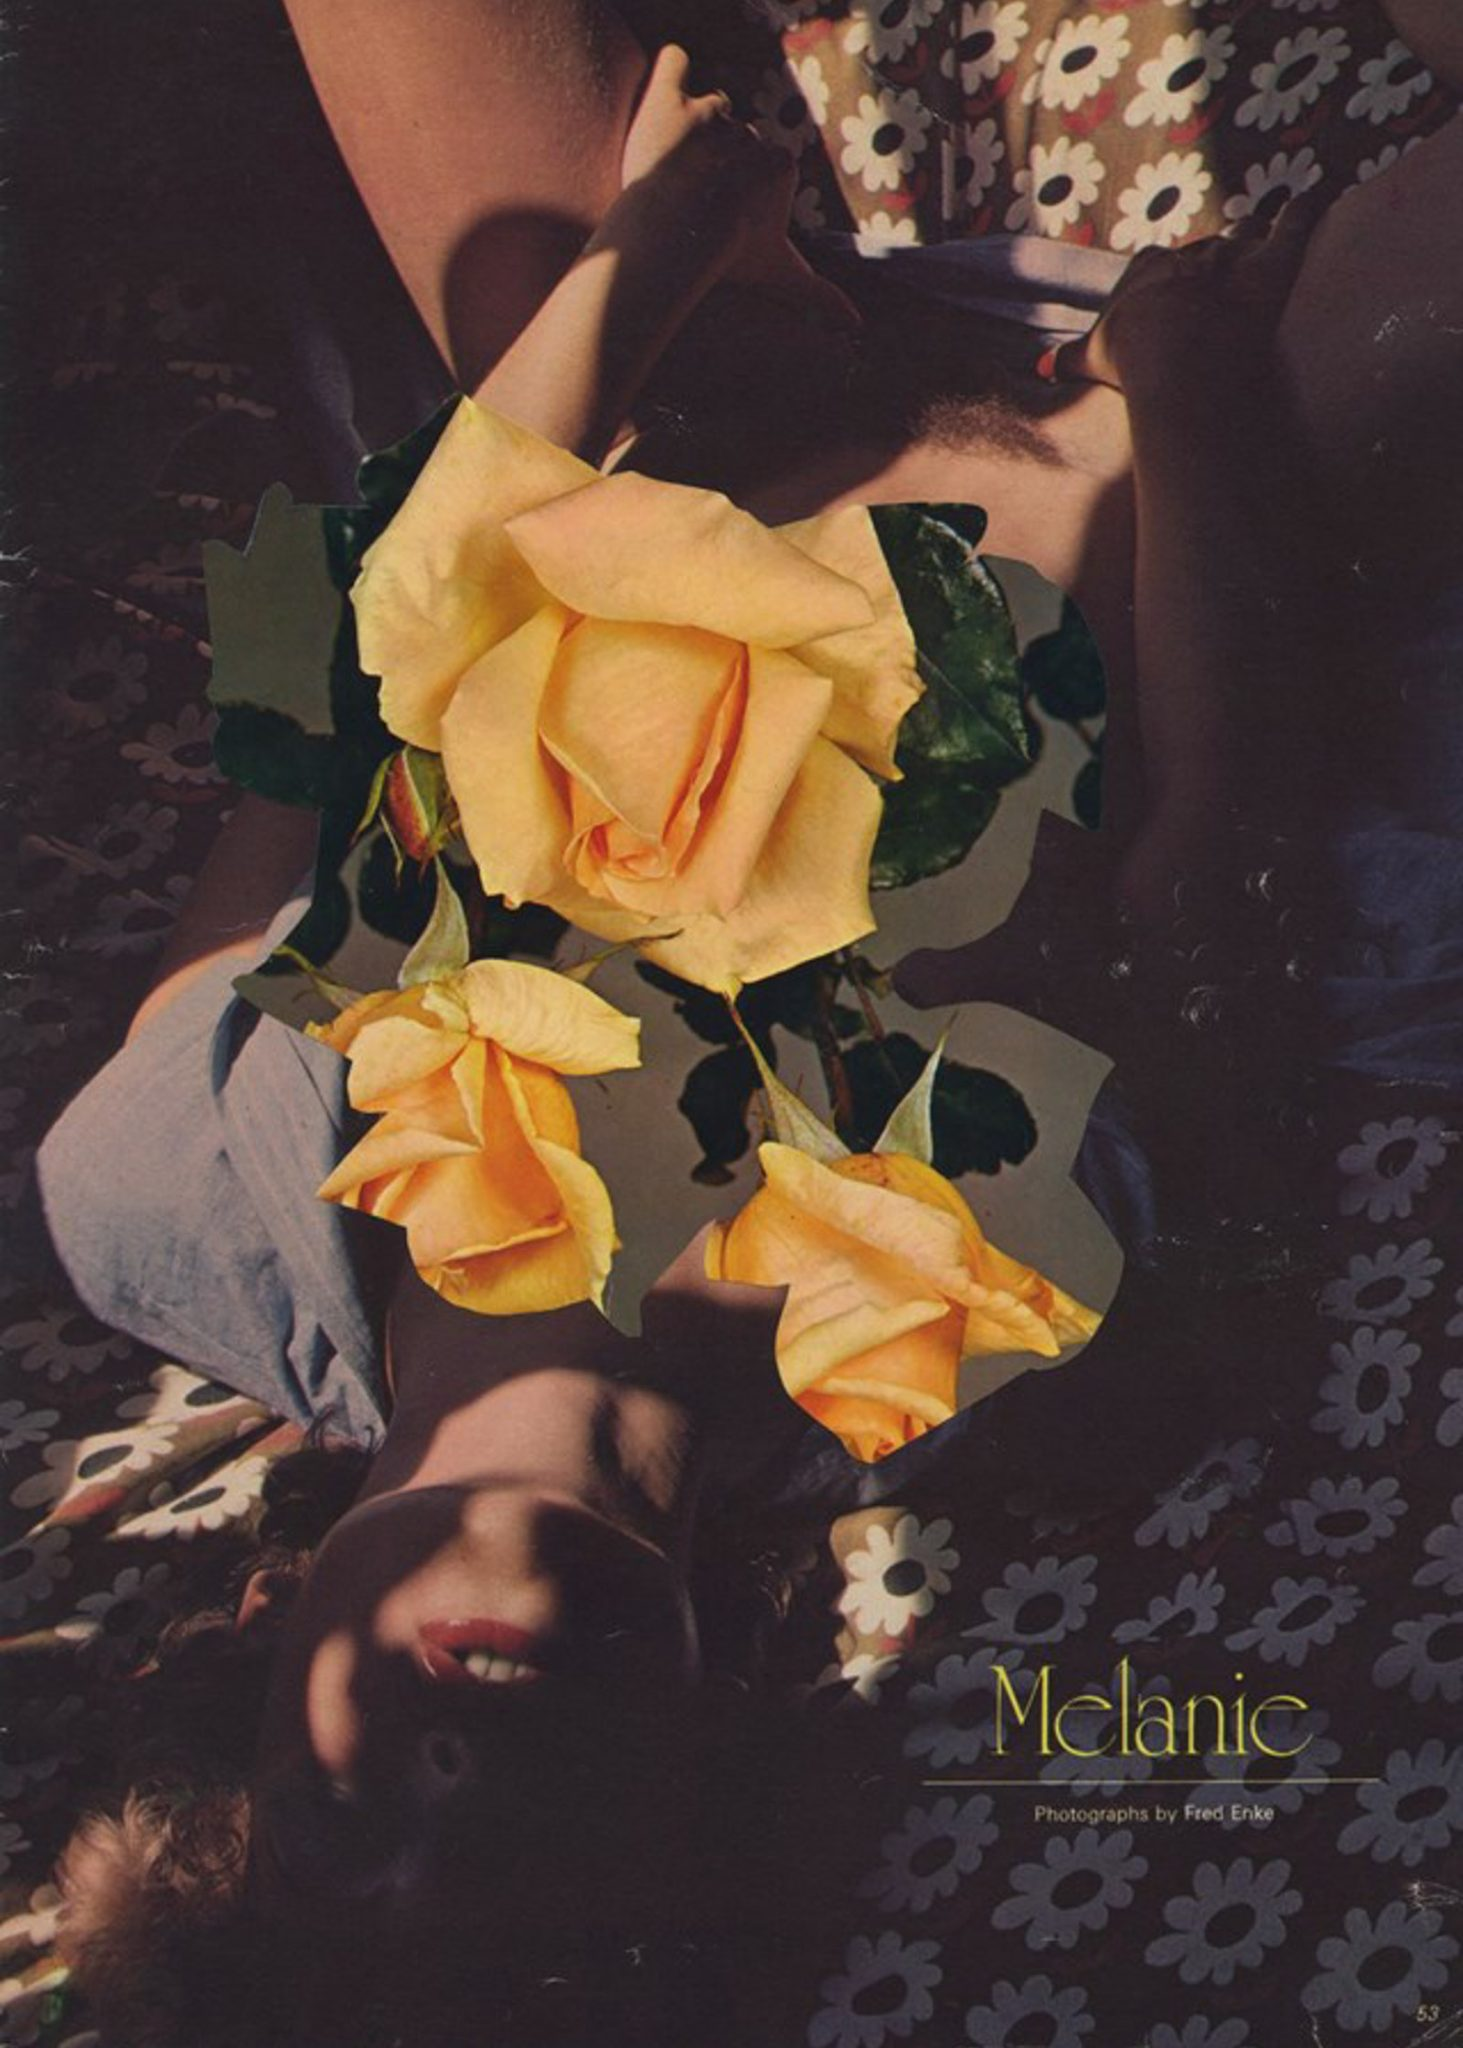 I celebri collage sulla figura femminile di Linder Sterling | Collater.al 13